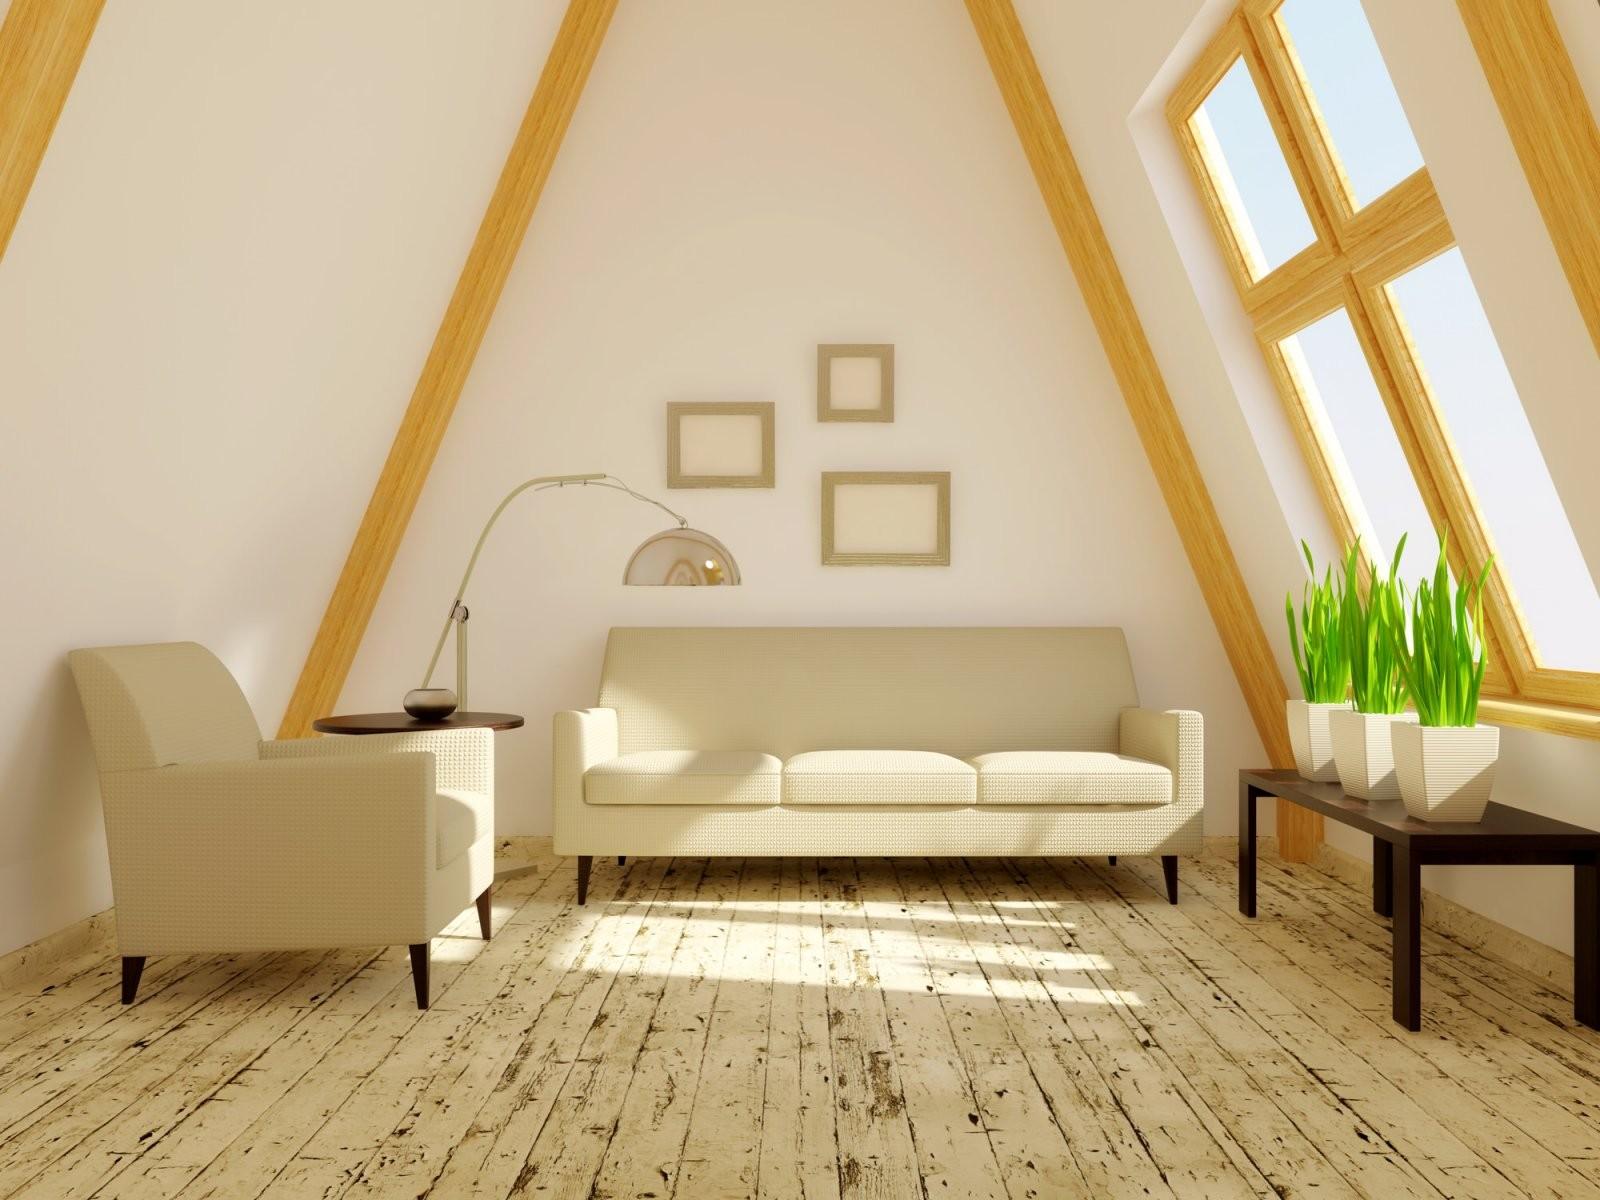 Ganz Schön Schräg 10 Tipps Wie Sie Räume Mit Dachschrägen Stilvoll von Jugendzimmer Mit Dachschräge Gestalten Photo